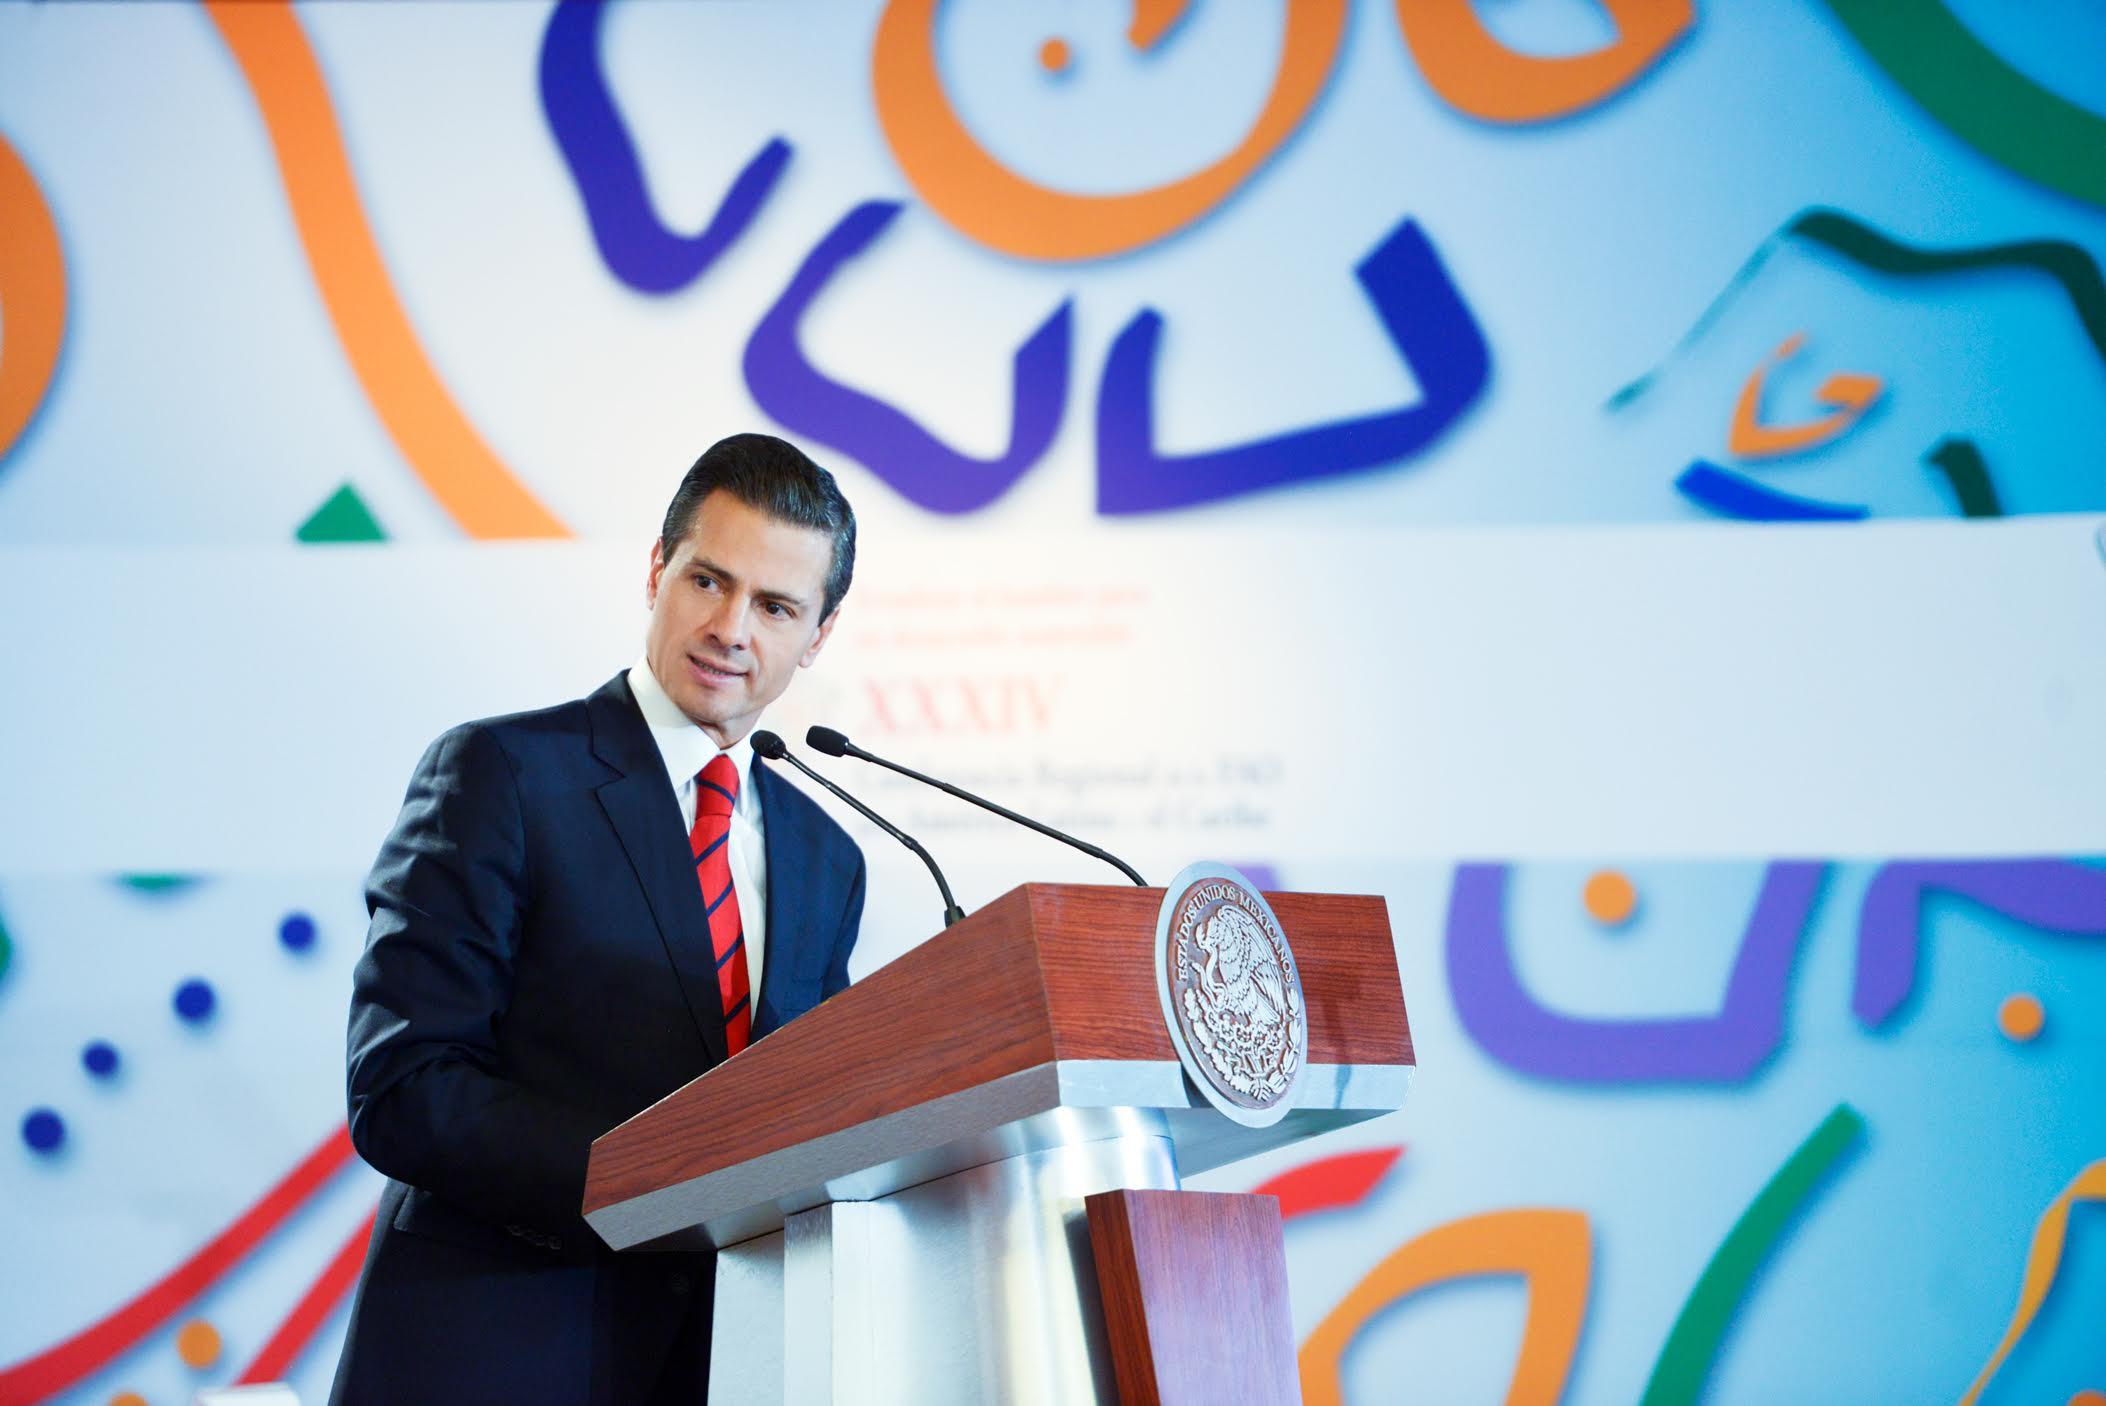 El Primer Mandatario inauguró la 34ª Conferencia Regional de la Organización de las Naciones Unidas para la Alimentación y la Agricultura para América Latina y el Caribe.